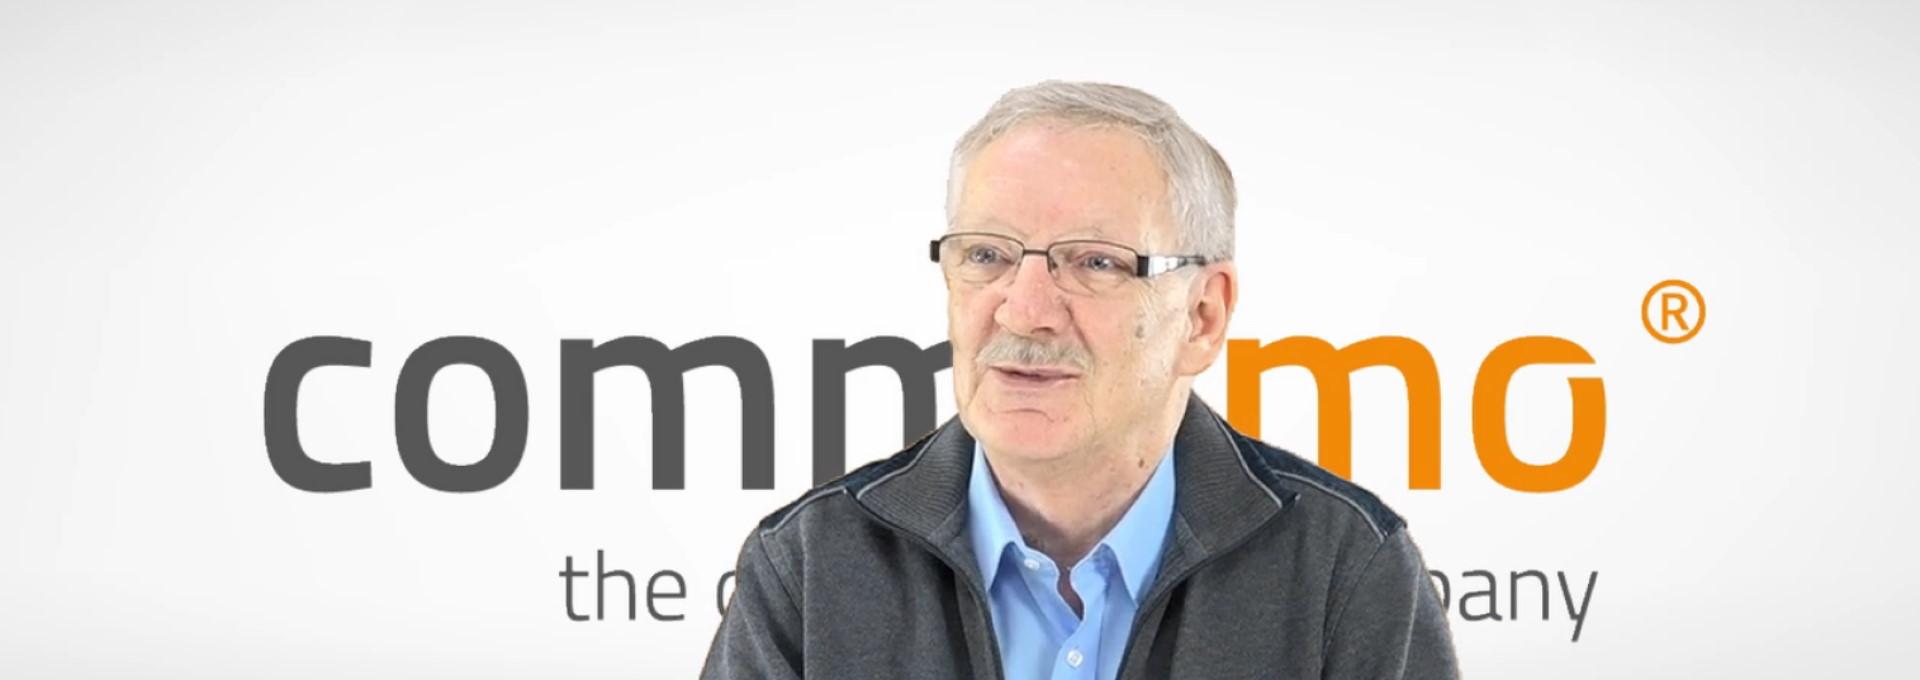 Dipl.-Ing. Hans-Rüdiger Munzke VDI